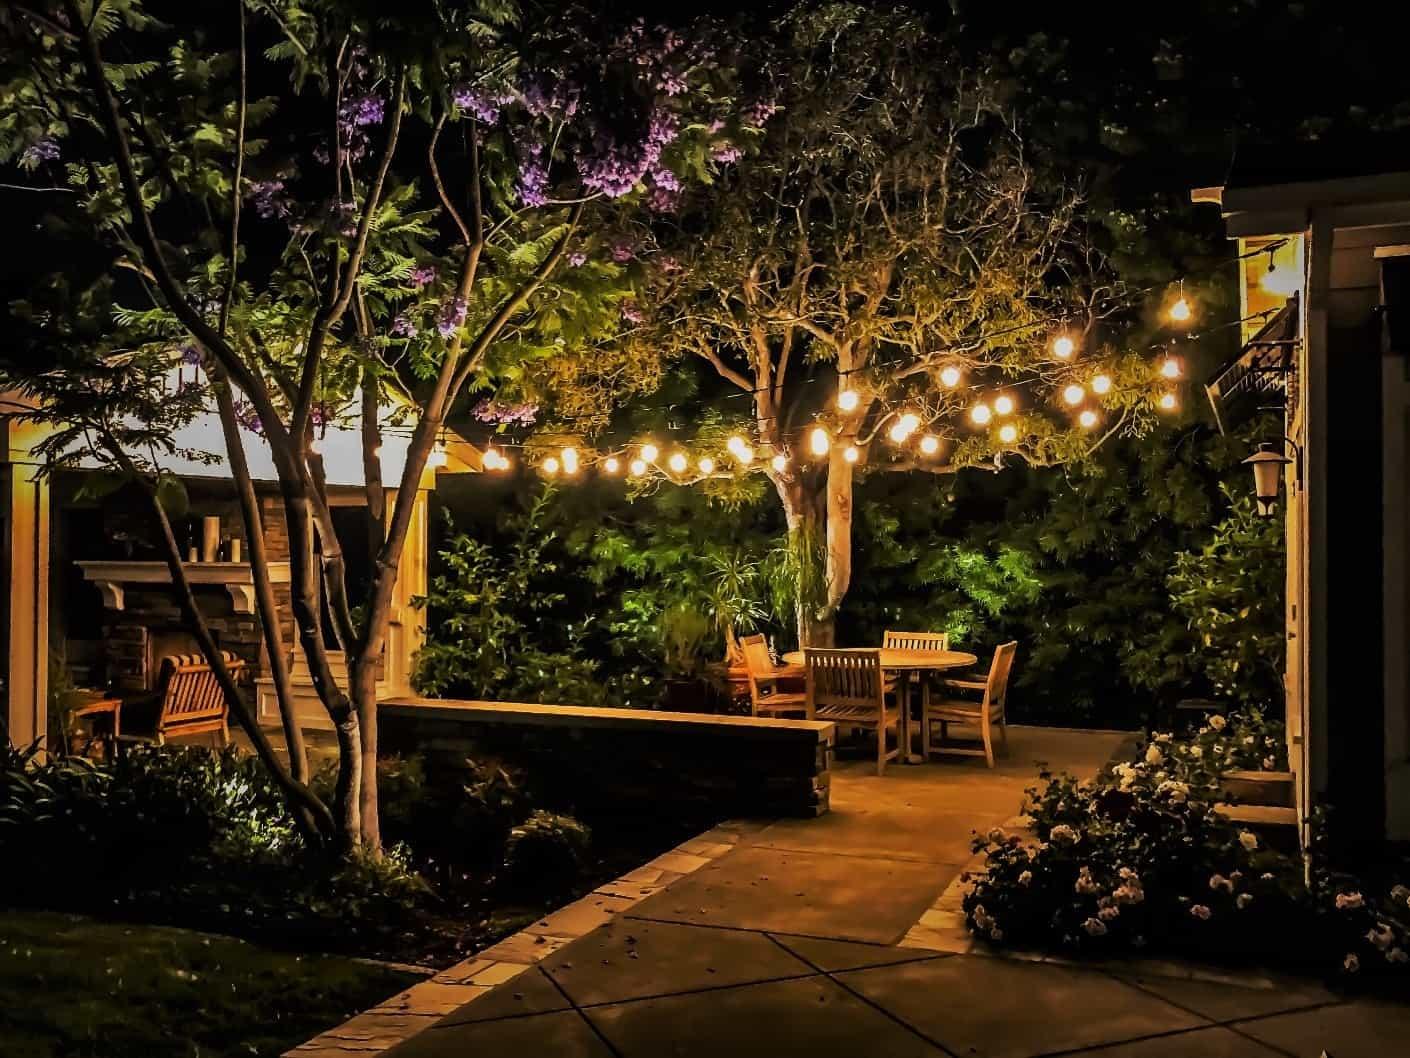 đèn trang trí quán cafe sân vườn